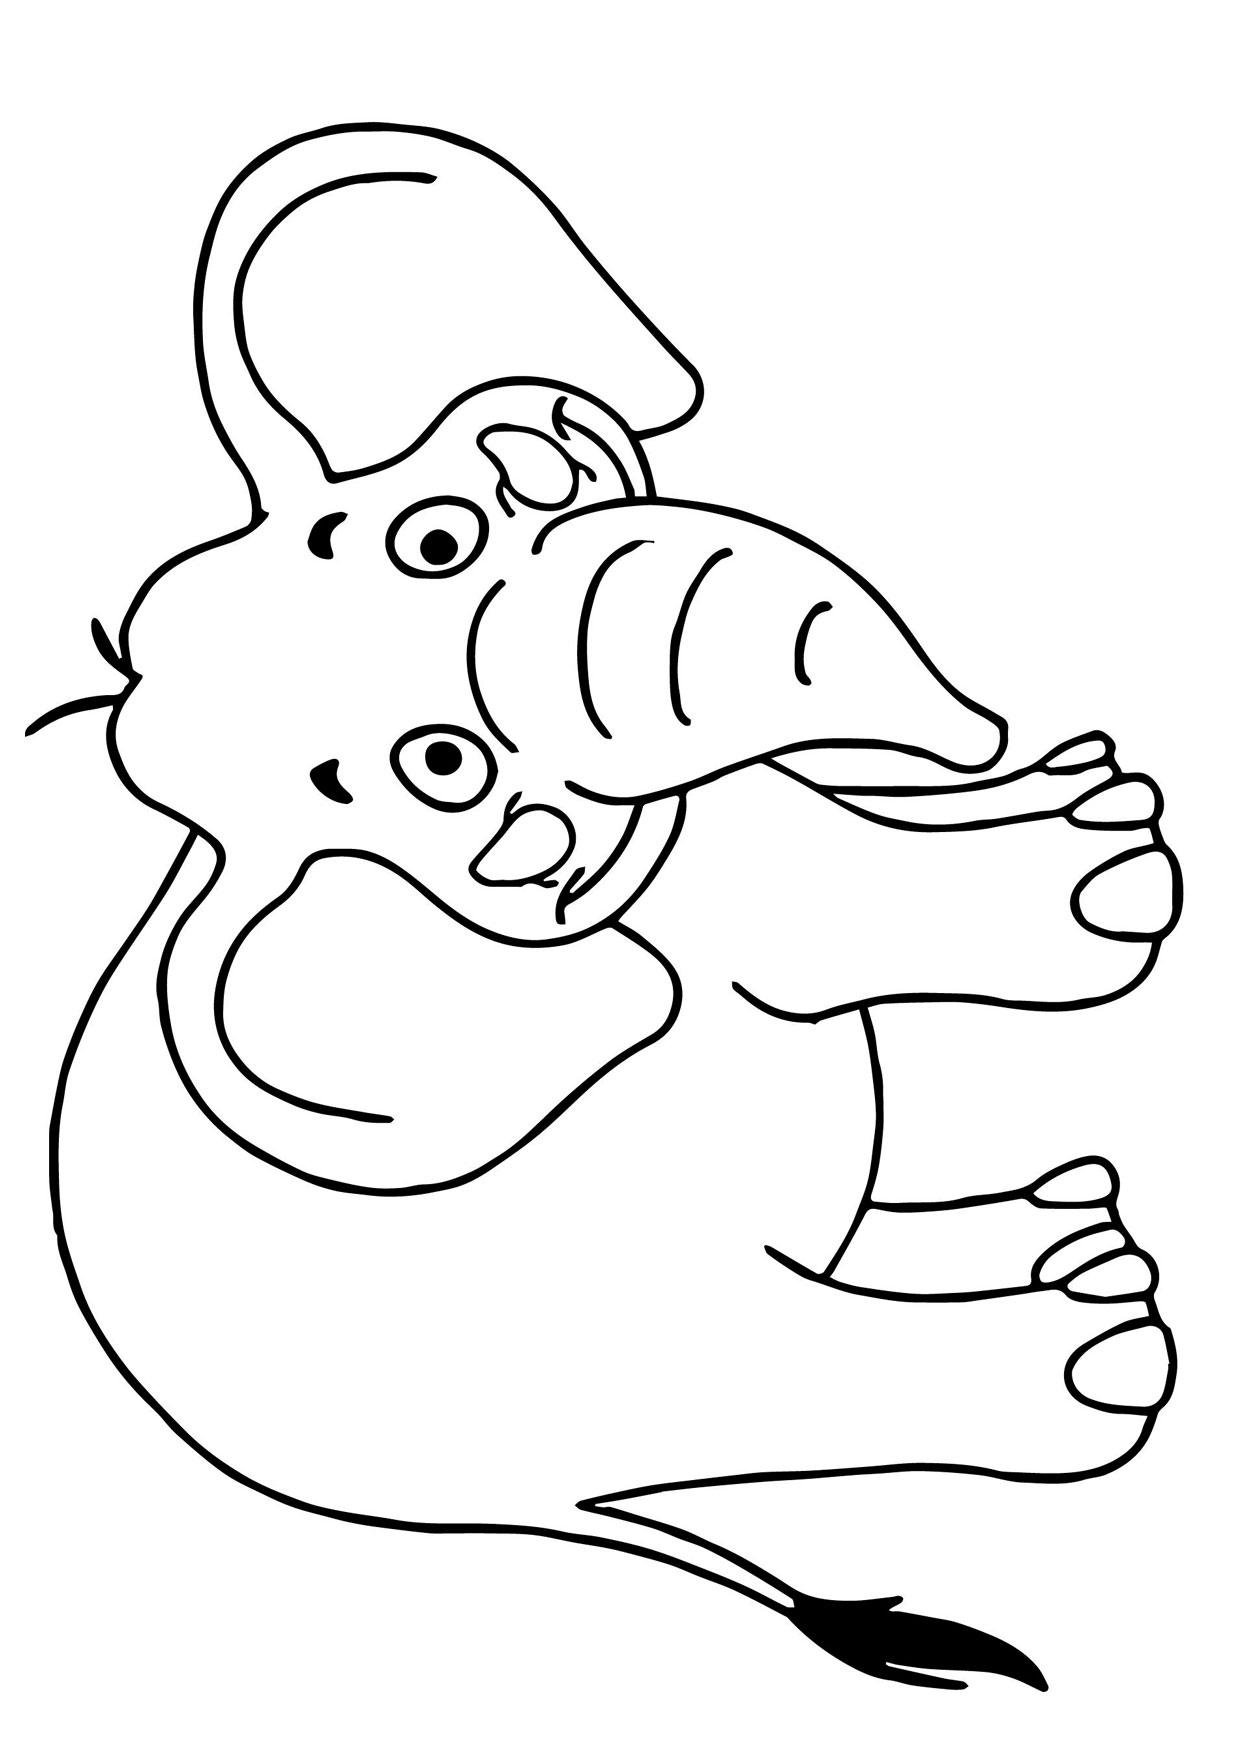 Disegno di Elefante Cartoon da colorare 10